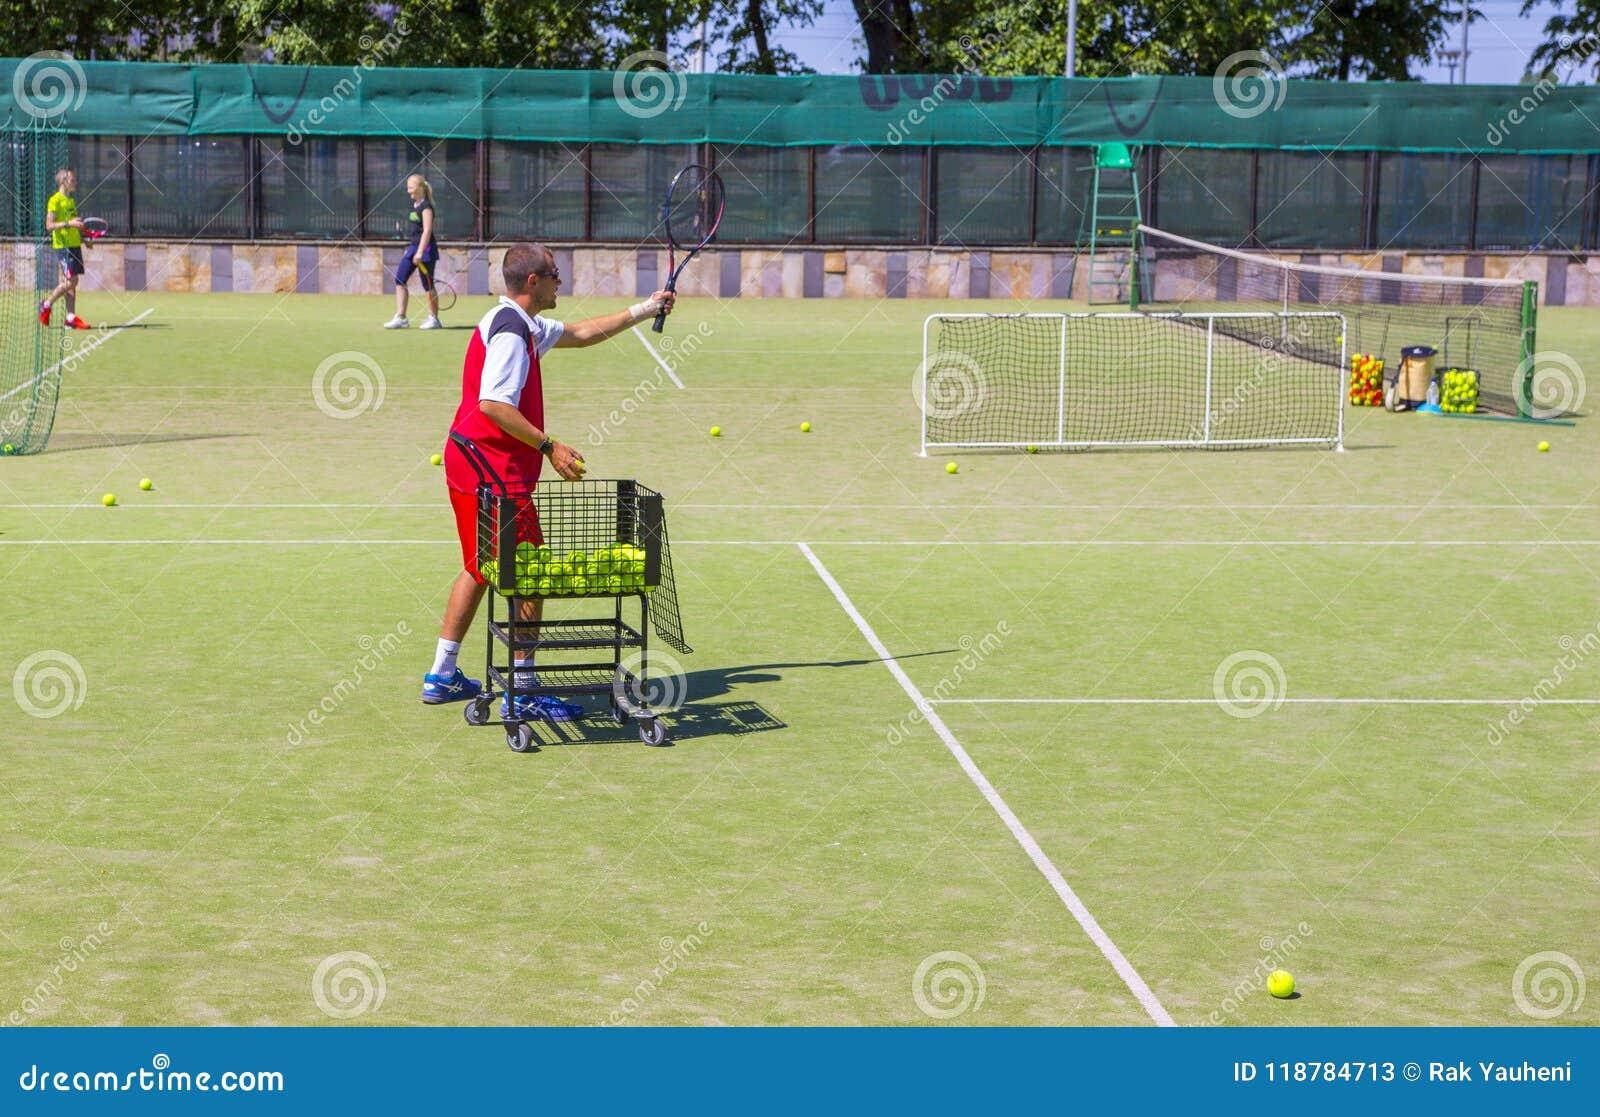 Беларусь, Минск 08 06 2018 тренер служат теннисный мяч тренер по теннису